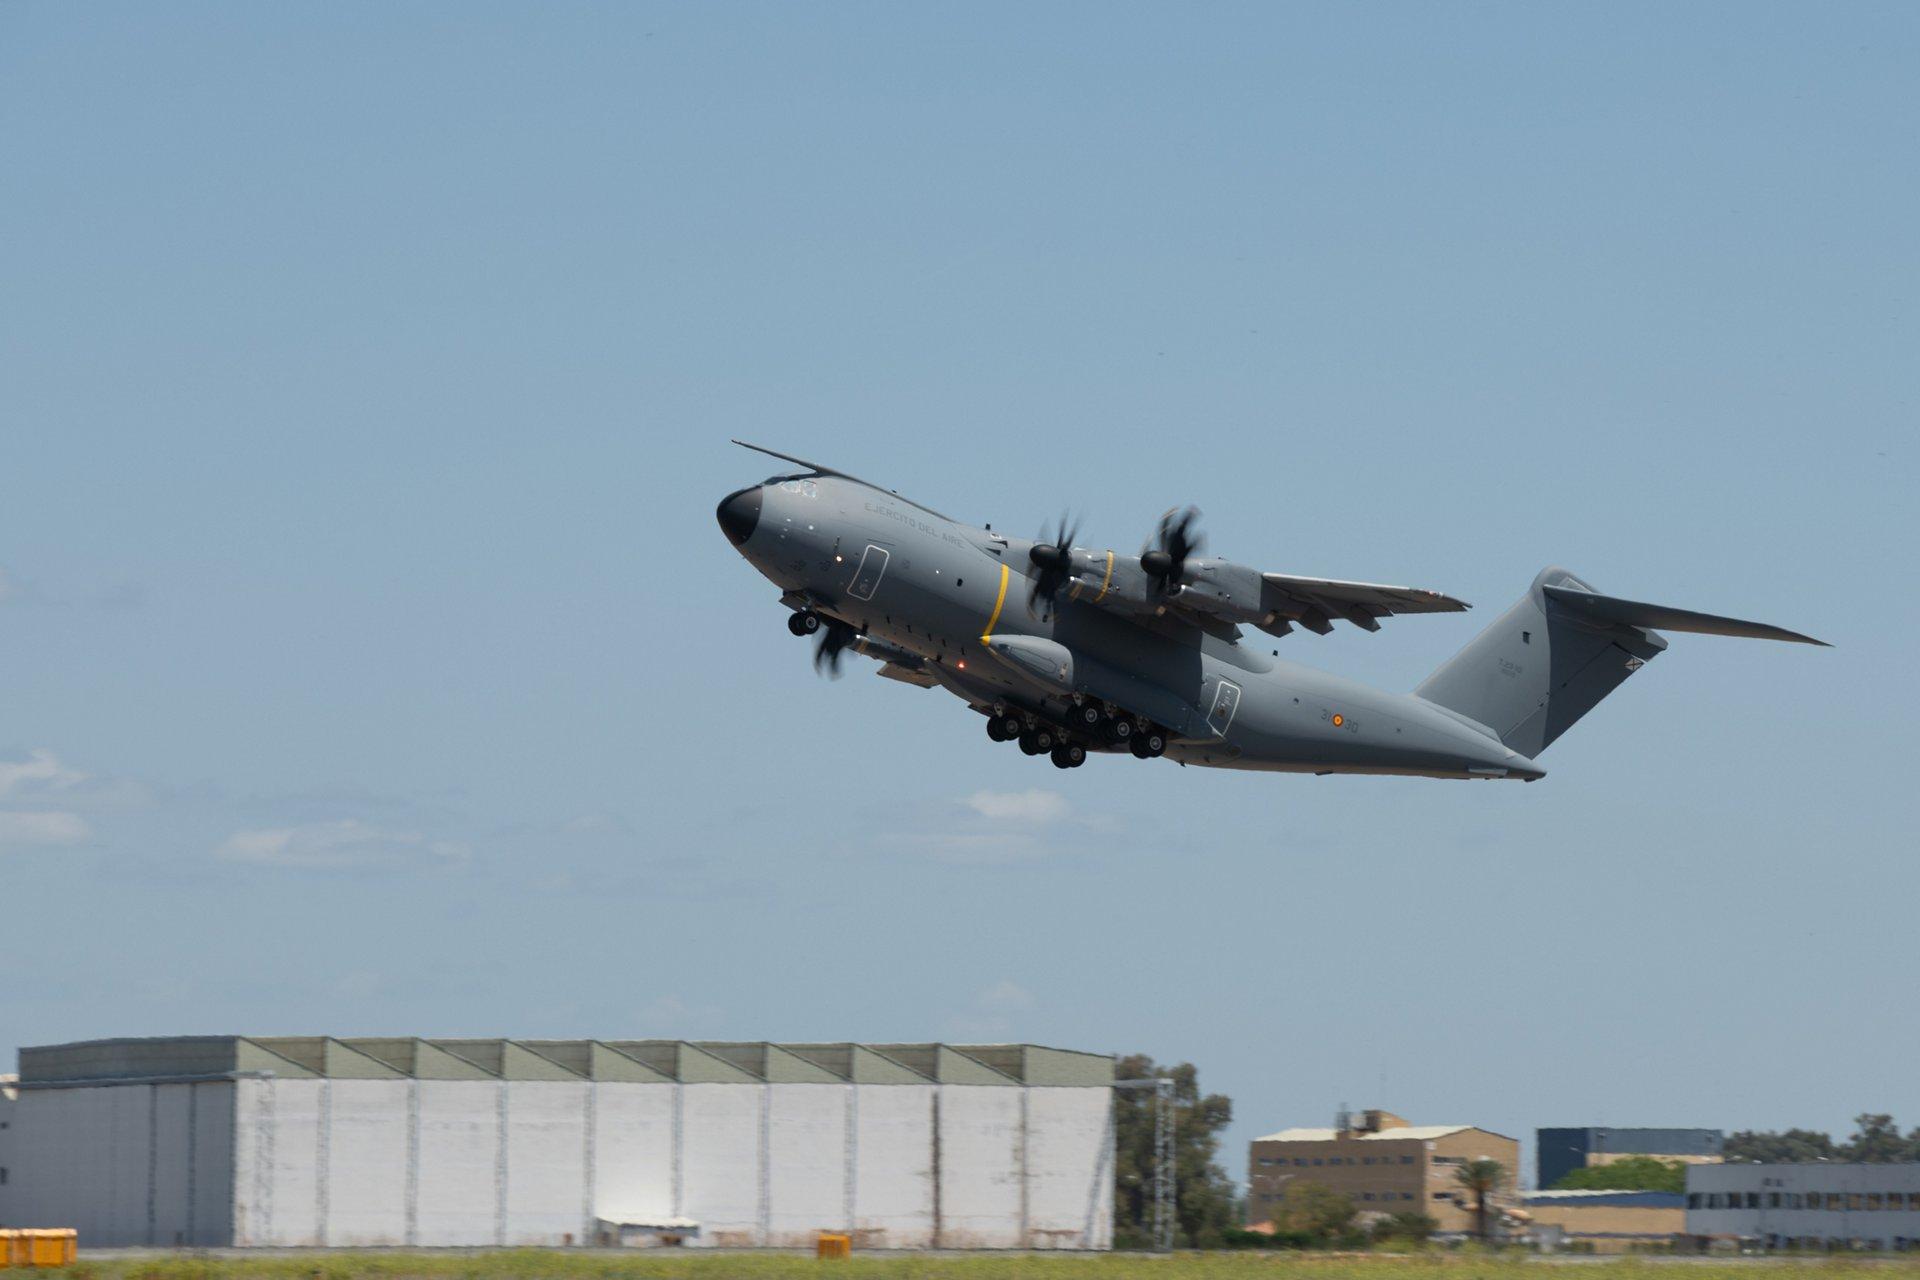 乐动体育app靠谱吗空客已经交付了100架MSN111 A400M运输机,这是西班牙空军的第十架A400M运输机。飞机于5月24日进行了从塞维利亚到萨拉戈萨的轮渡飞行,那里是西班牙A400M舰队的基地。